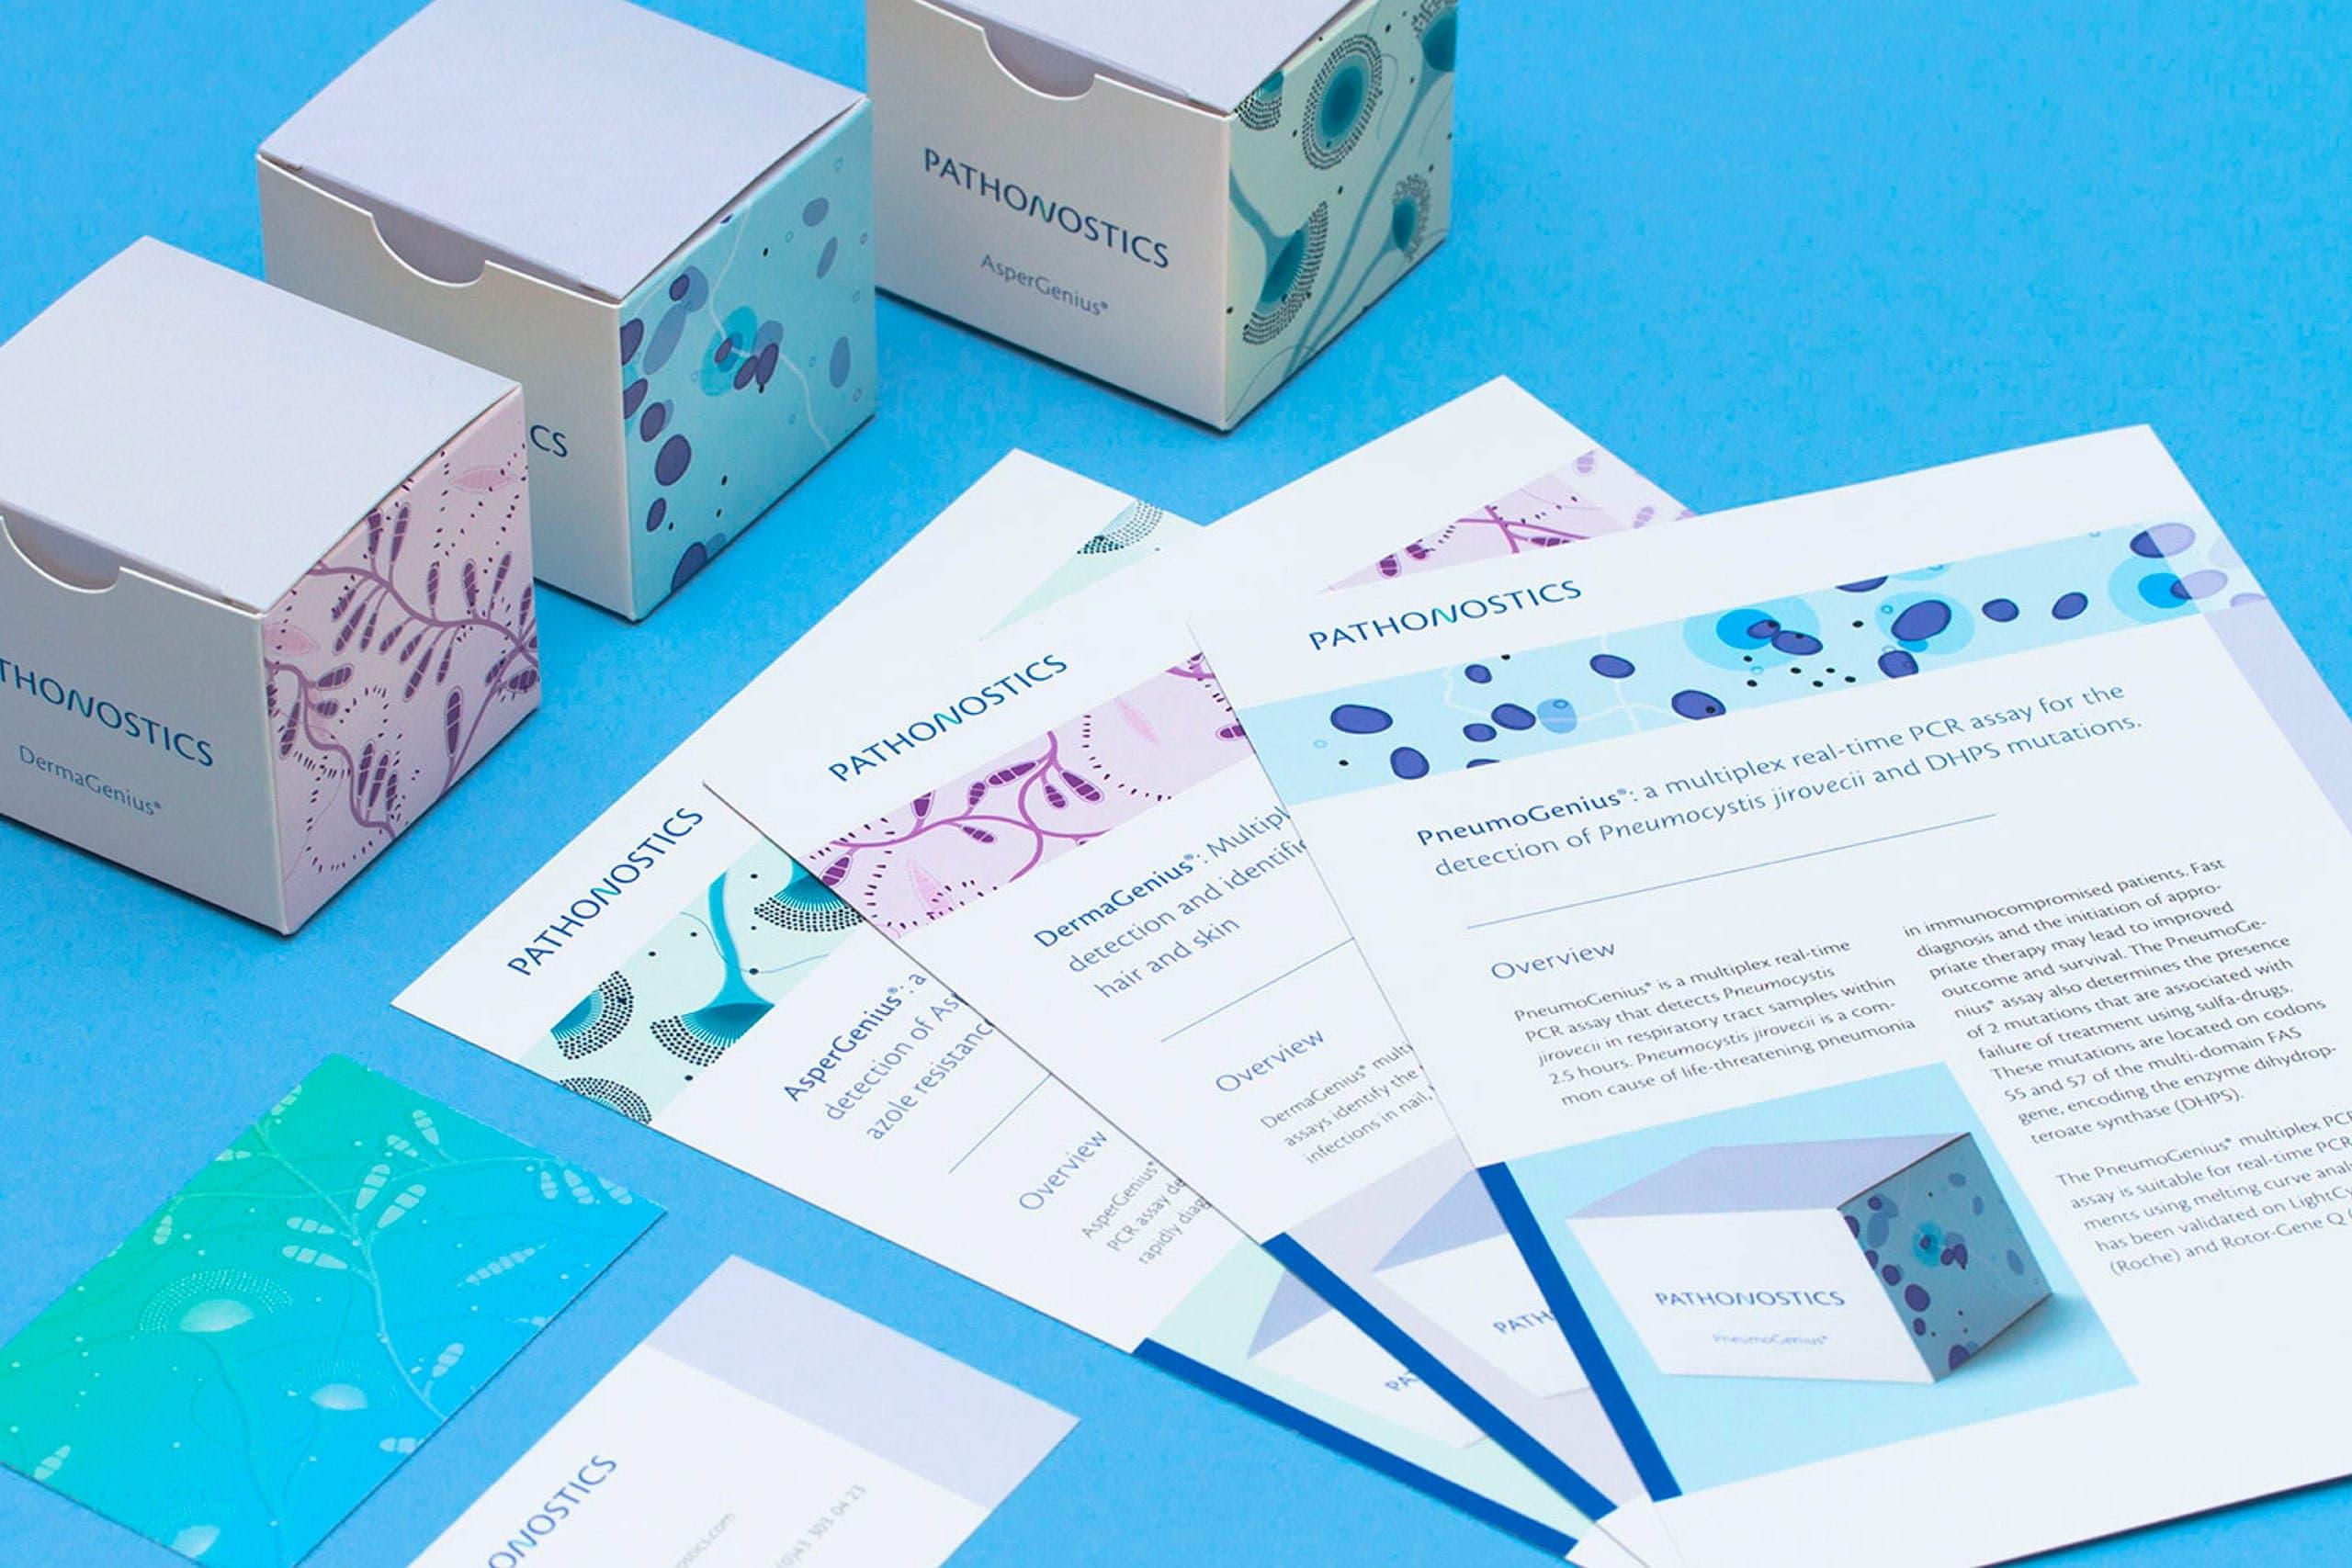 Huisstijlelementen, doosjes, packaging, flyer, leaflet, visitekaartje van Pathonostics ontworpen door Saus